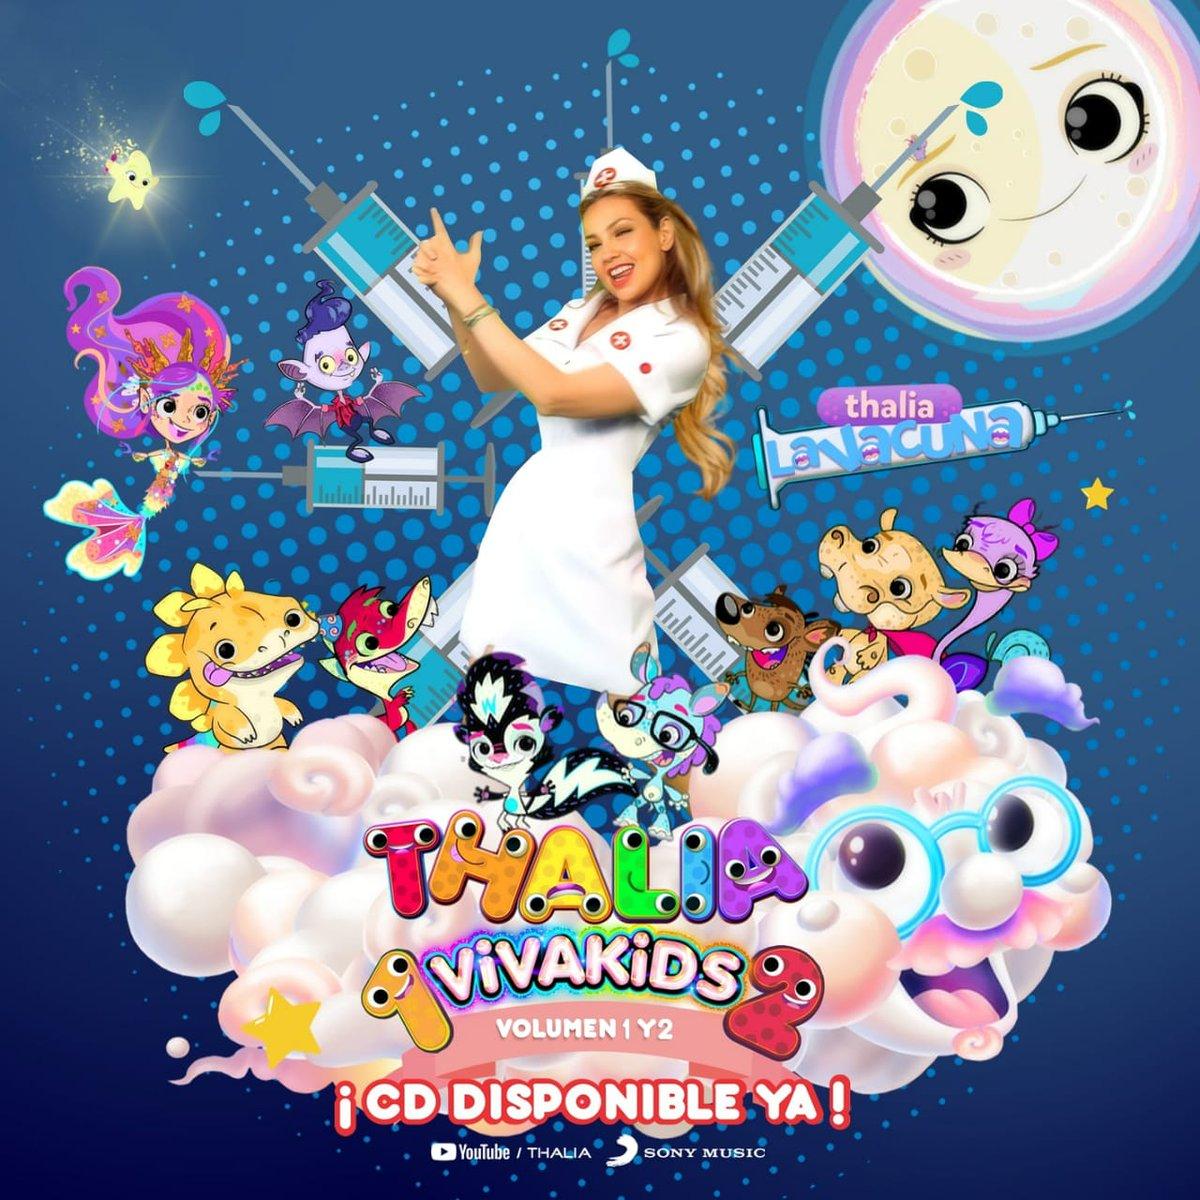 🎅 ¡ No te pierdas los mejores videos del más reciente disco a la venta de @thalia #VivaKids en su edición especial #VivaKids1y2 💋🤍🌡🚑 y disfruta #LaVacuna y muchos éxitos más especialmente para chicos y grandes ! 🤍❤🧡💛💚💙💜 (sigue)